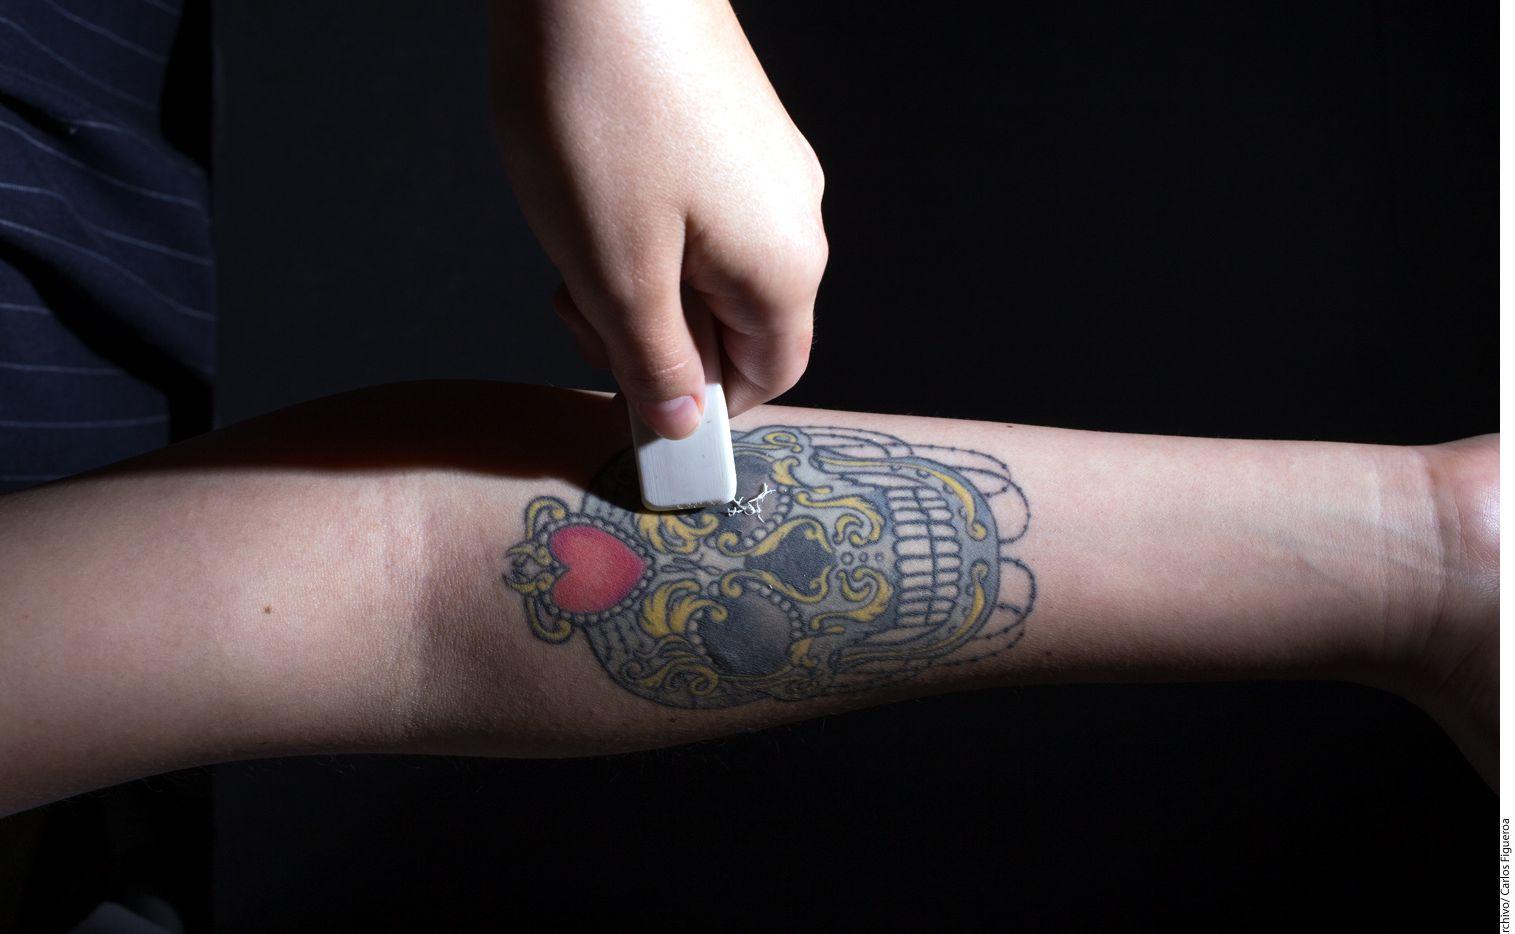 Como Hacer Un Diseño Para Tatuaje cuáles son las posibles complicaciones de ponerse tatuajes?